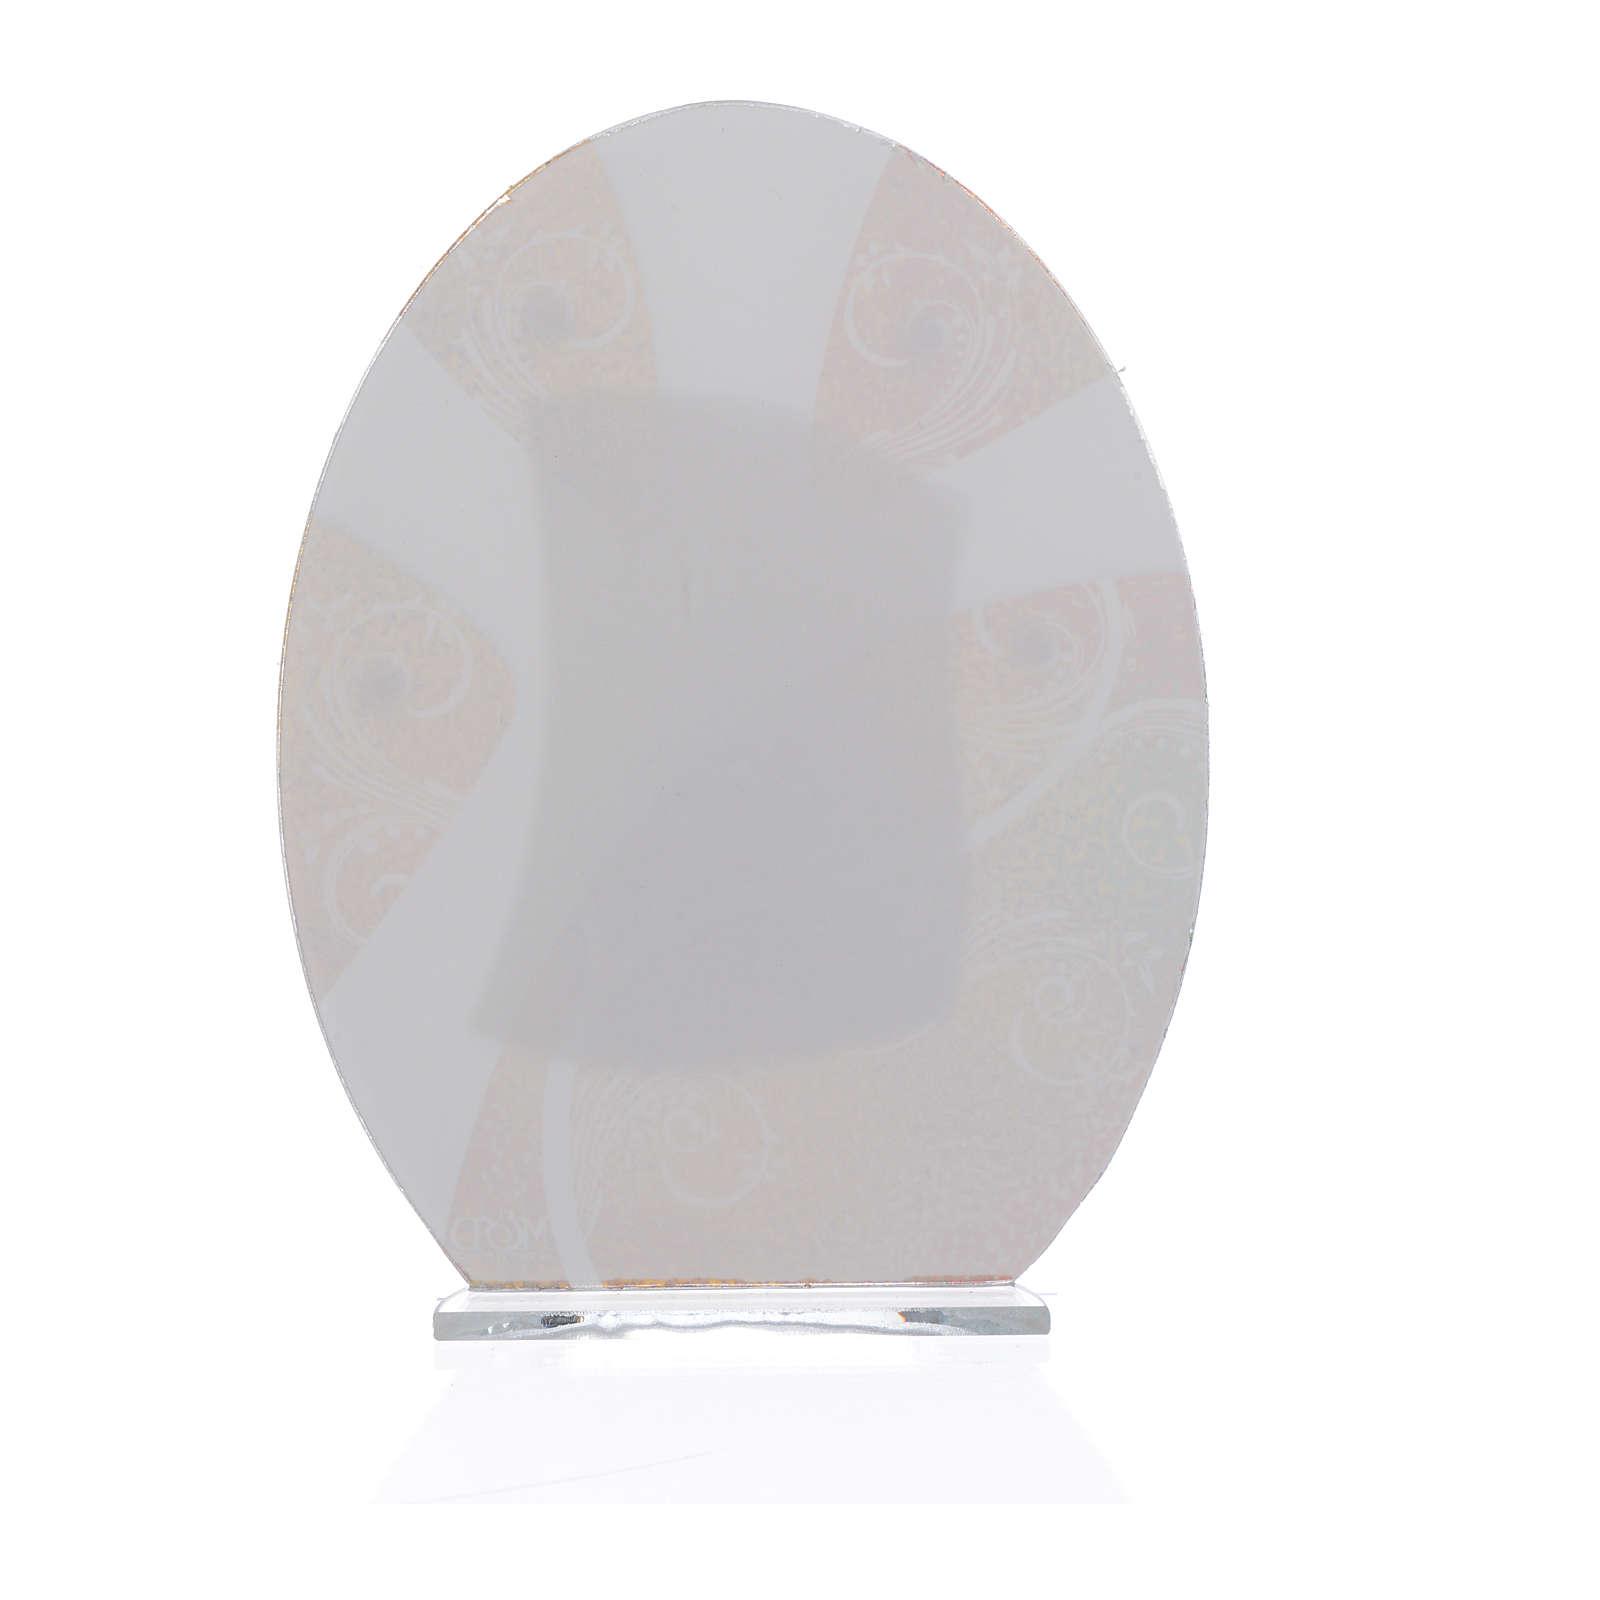 Lembrancinha Casamento S. Família prata 16,5 cm 3